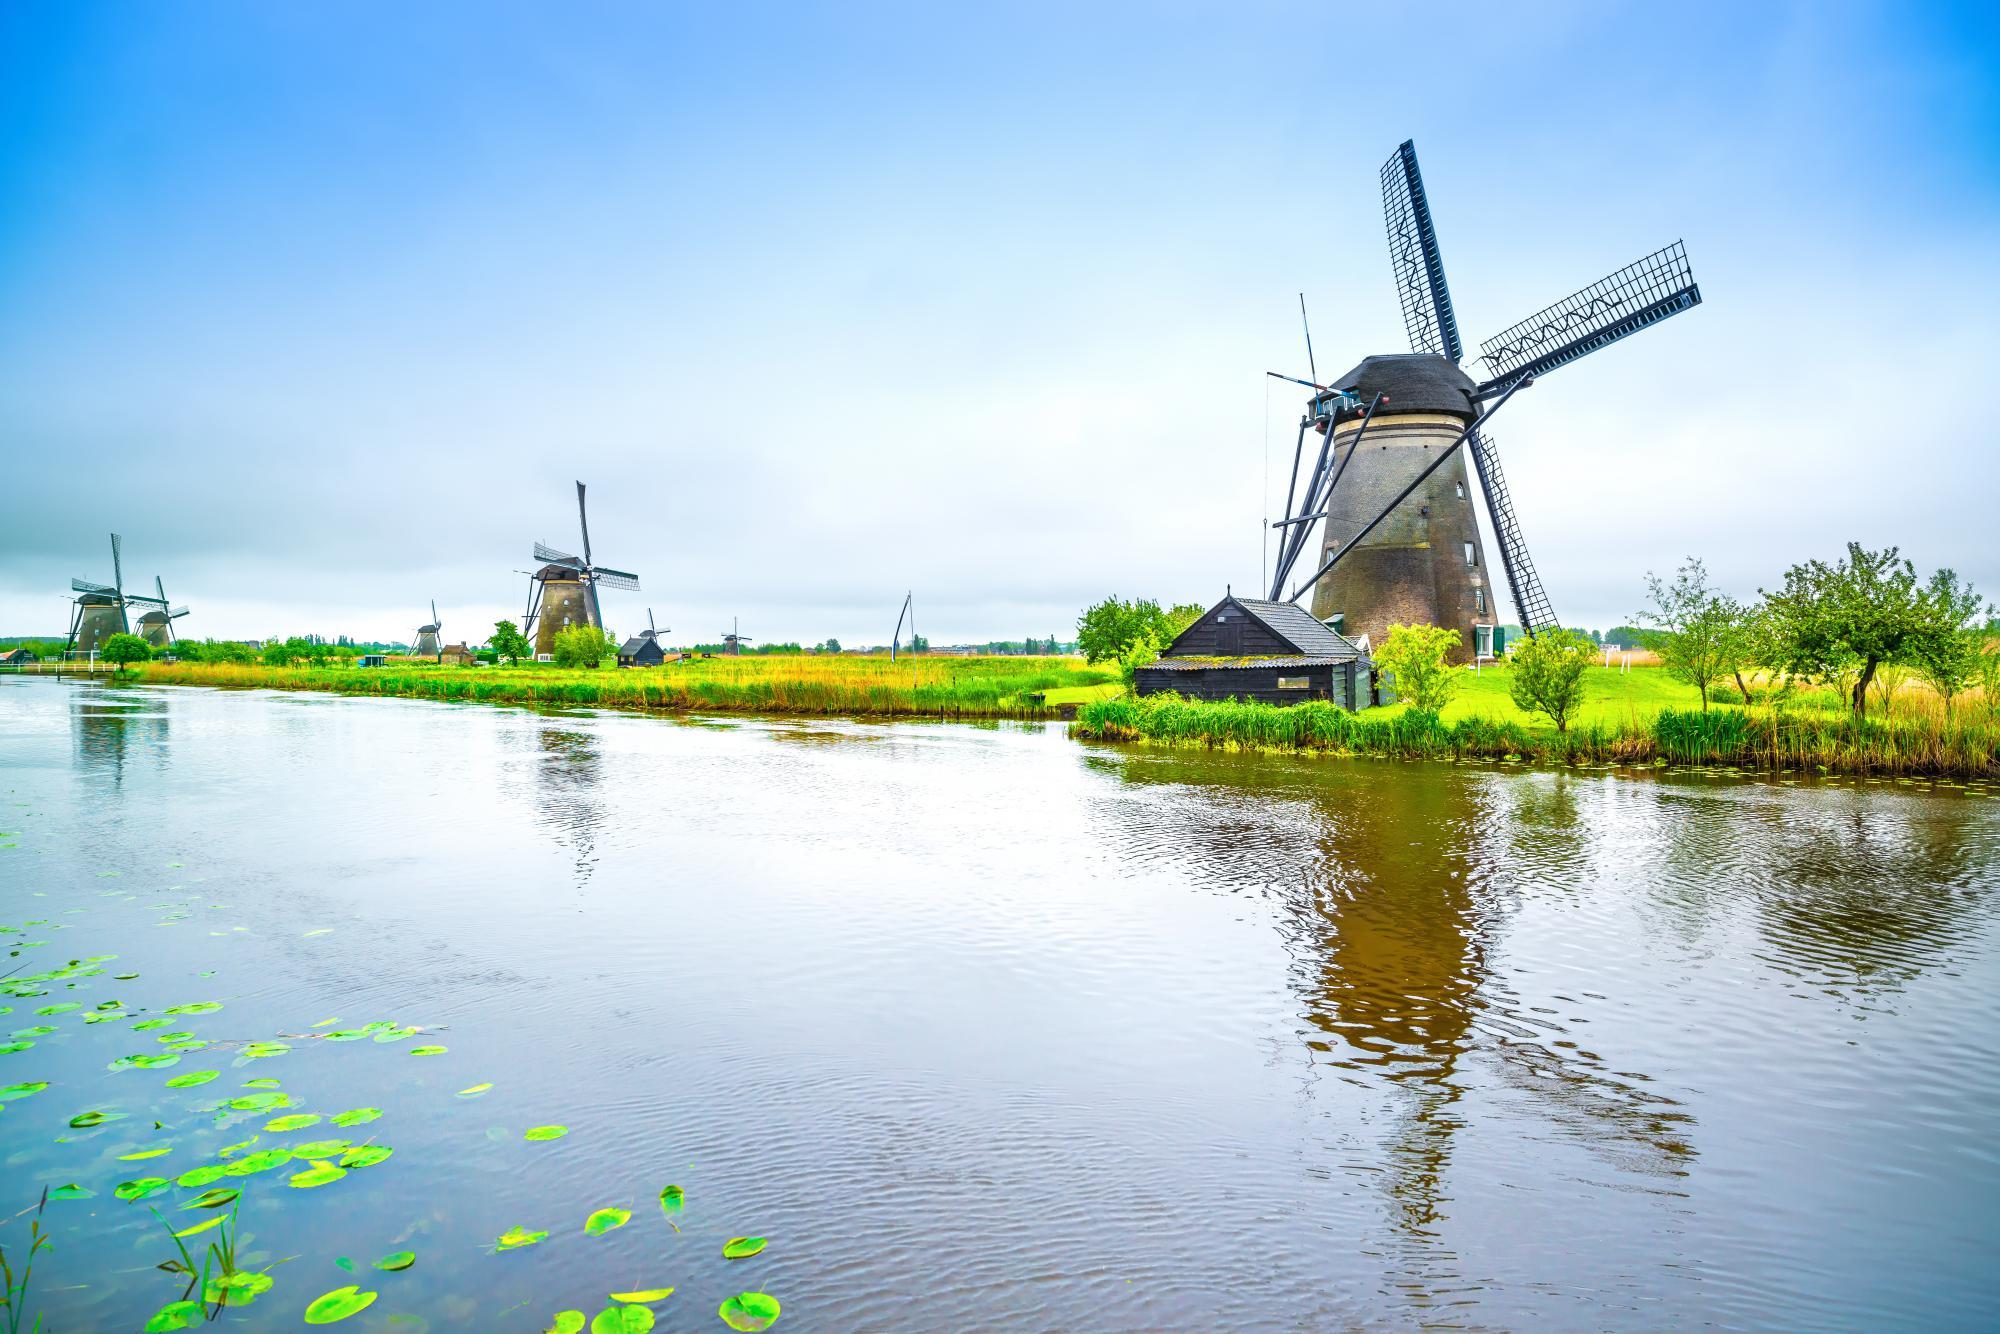 Переговоры по изменениям в налоговое соглашение с Нидерландами «зашли в тупик»